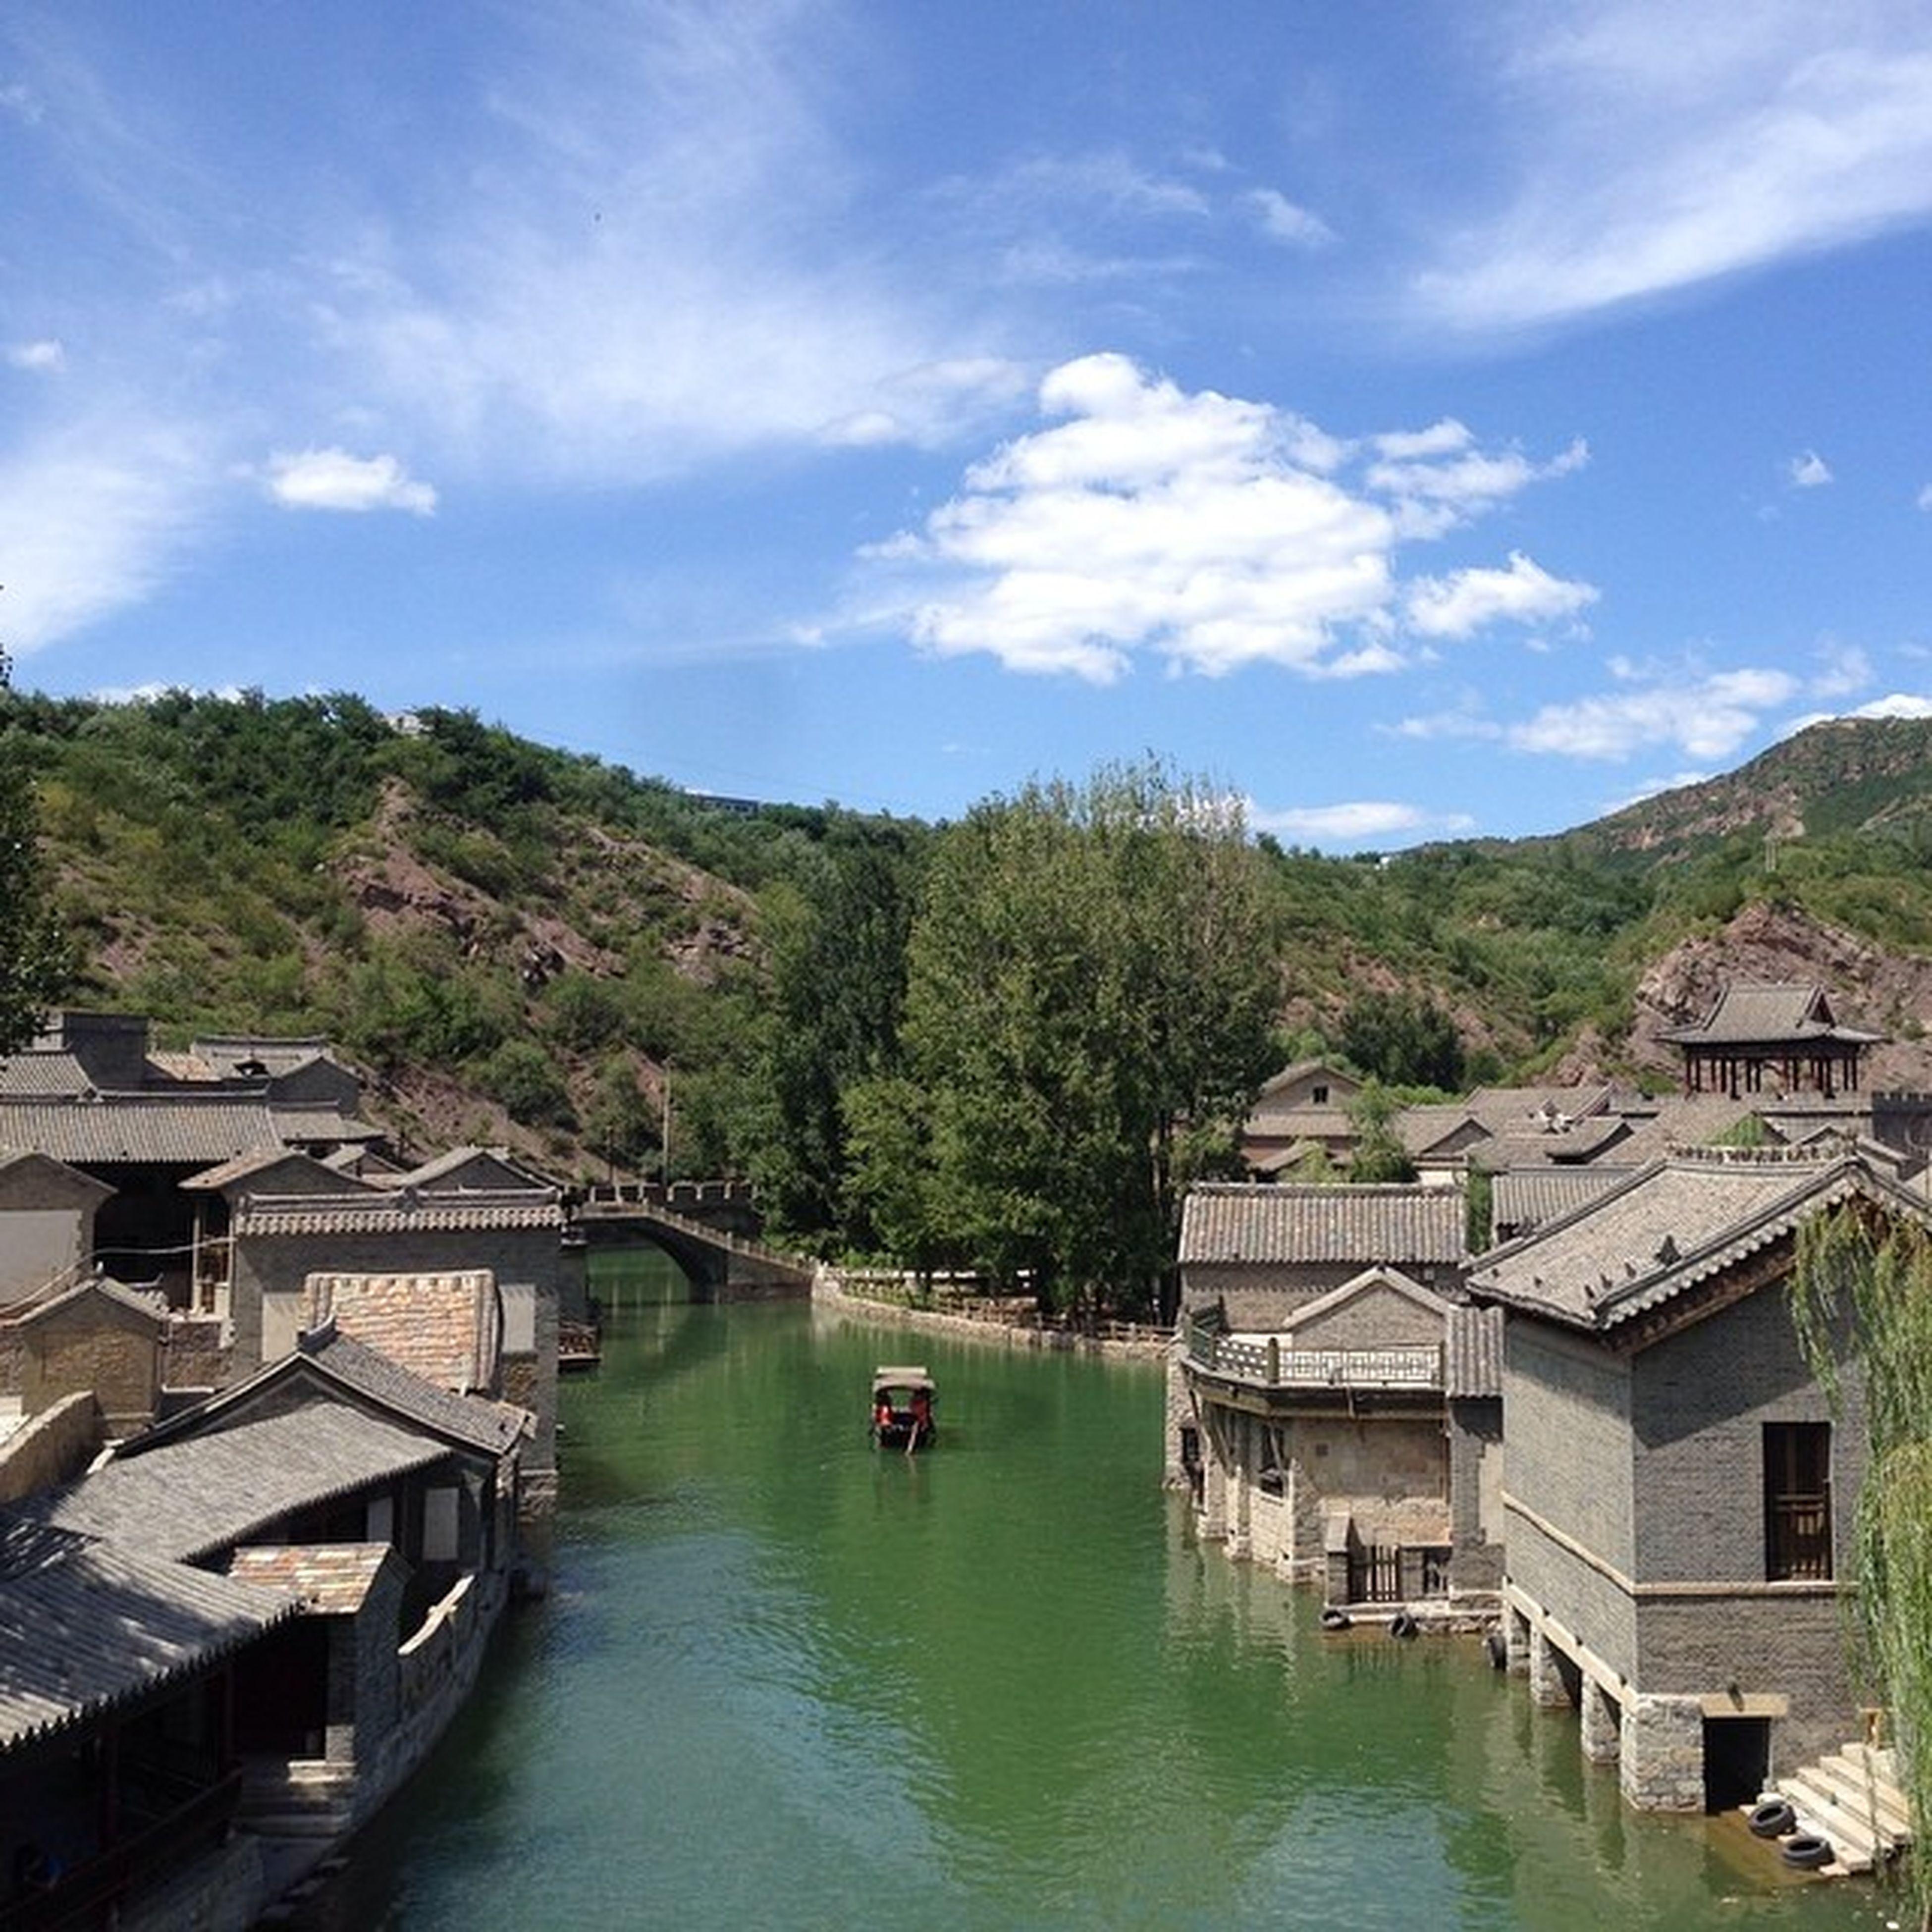 良辰美景中國 水鎮 風景